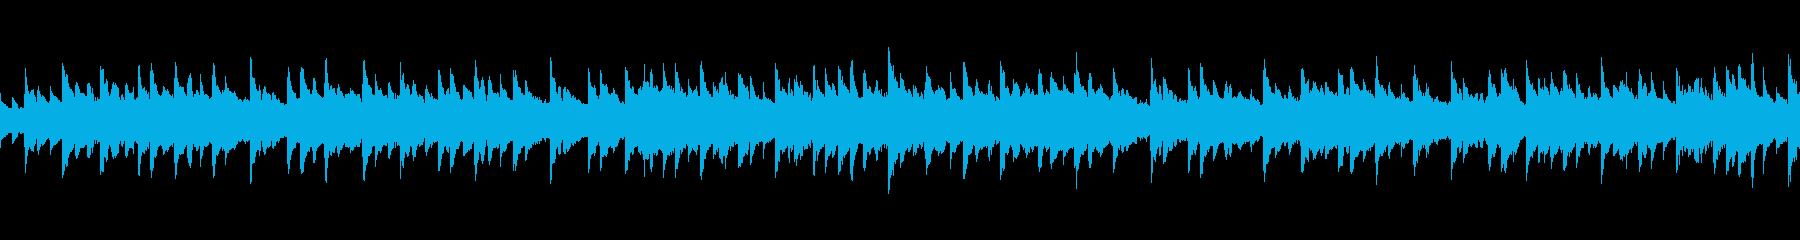 エレピの優しい音色のゆったりとした曲の再生済みの波形